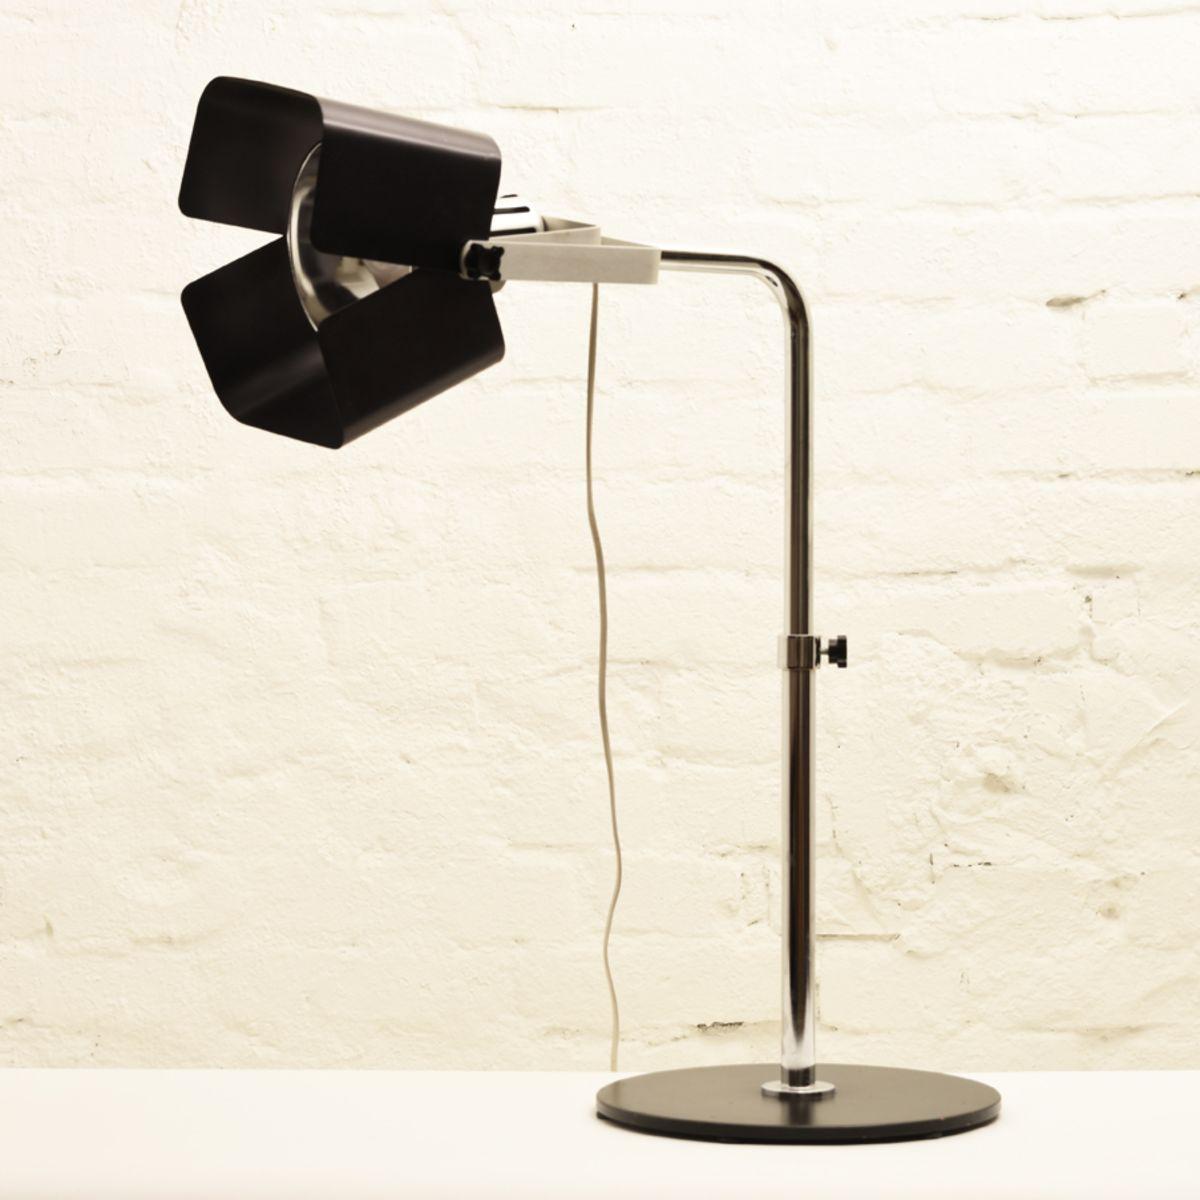 Kukkapuro-Yrjö_Table-lamp-model-100